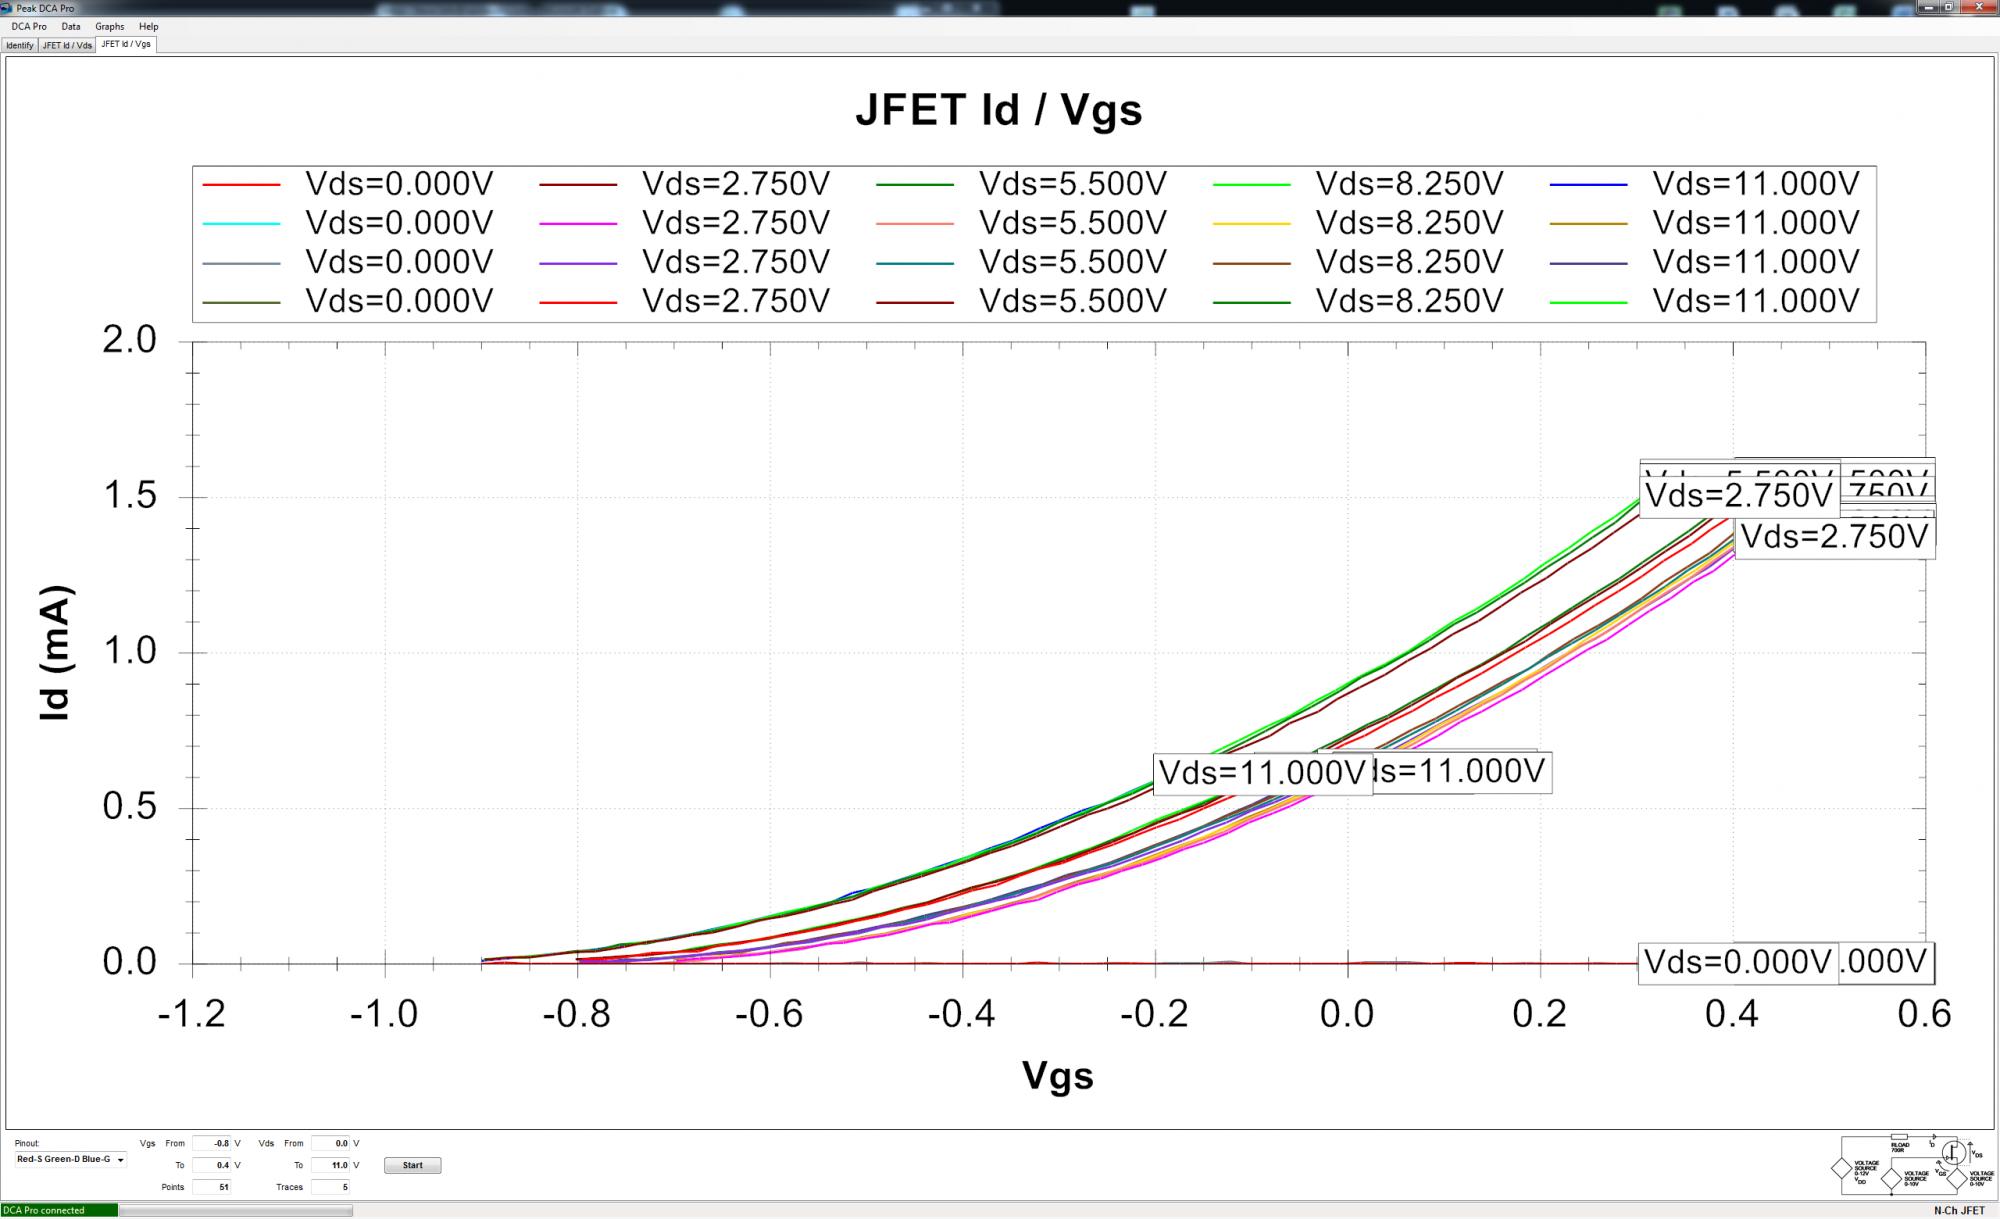 JFETid_Vgs.png